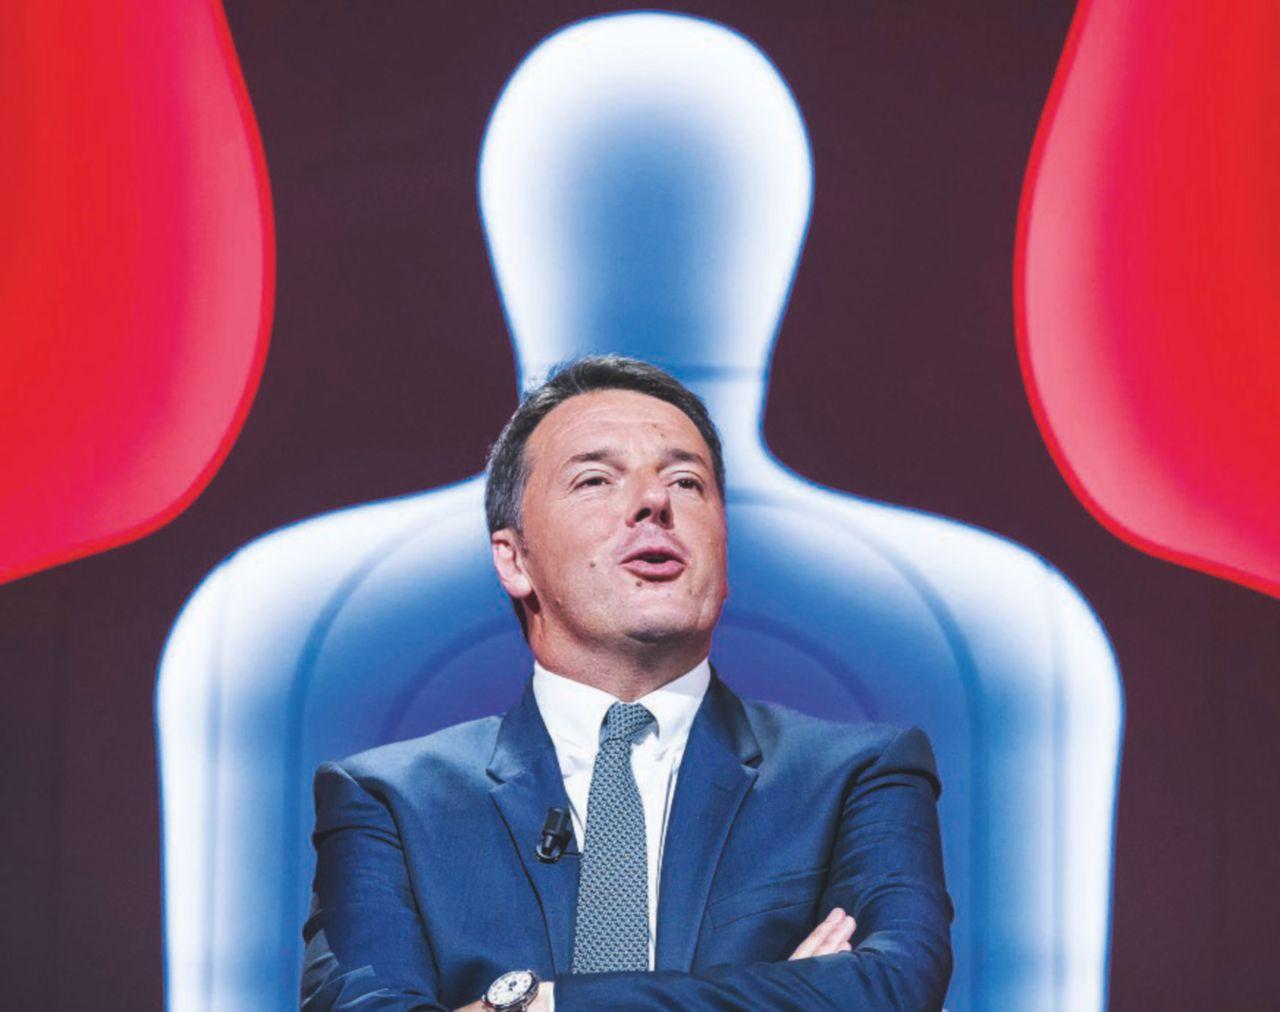 Se non sarà Matteo, chi? Candidato premier cercasi